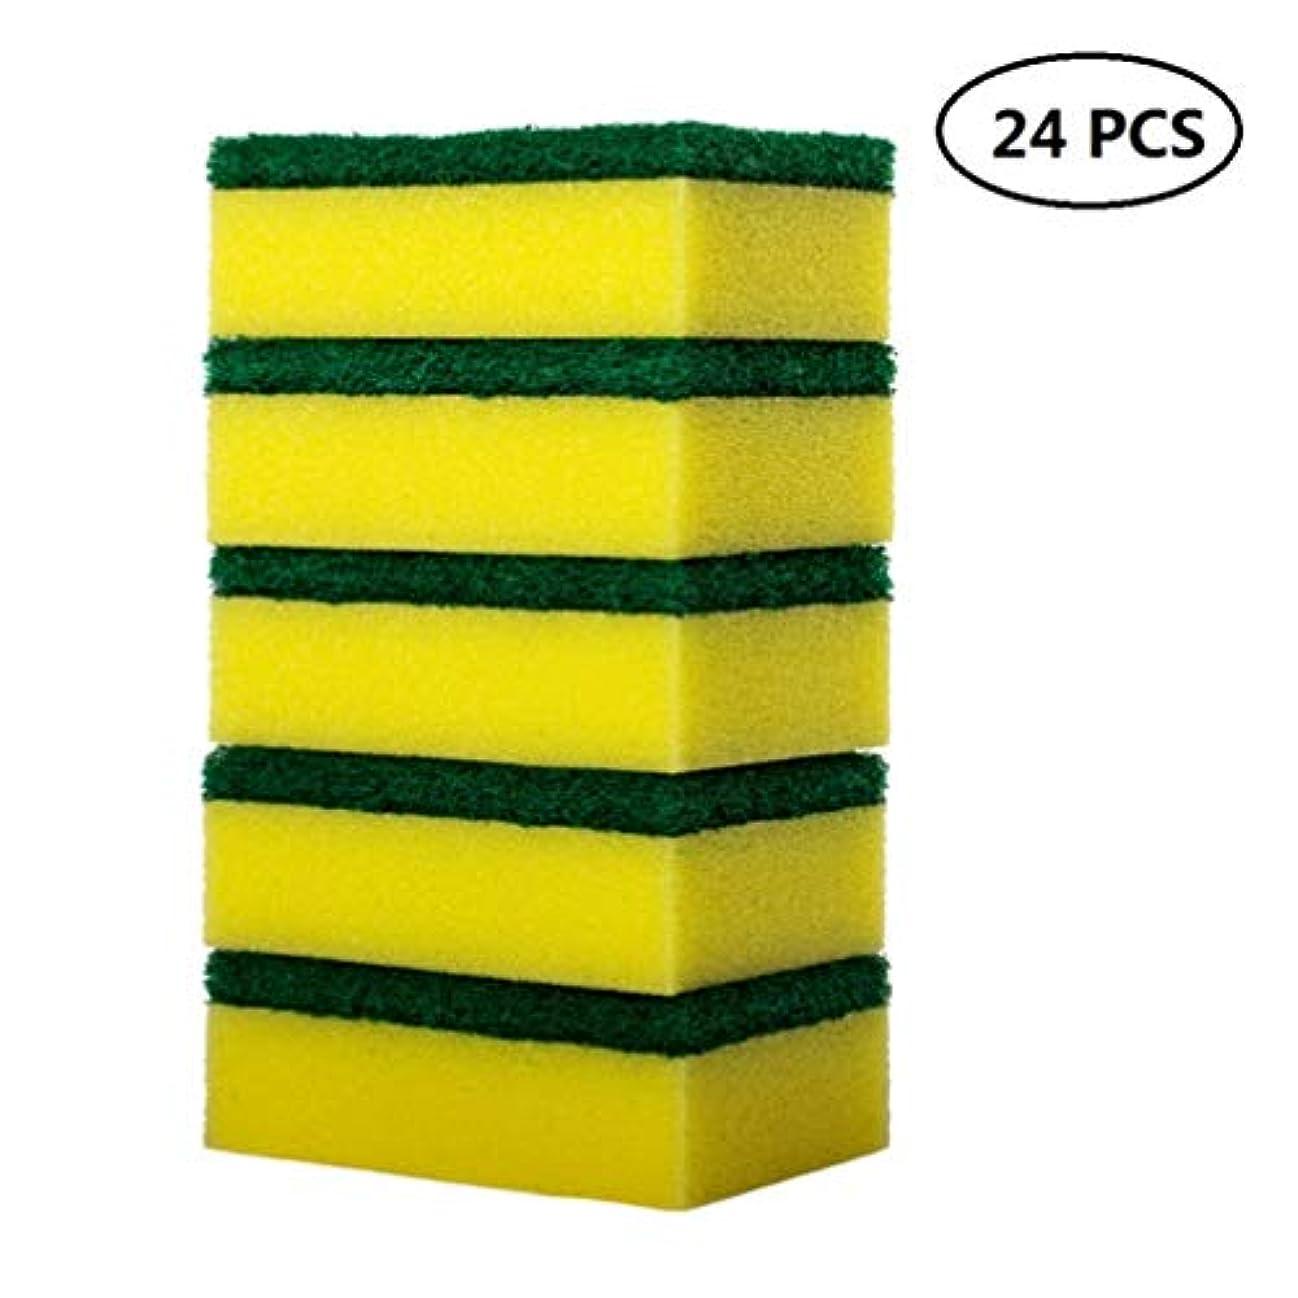 便益リアル劇場BESTONZON 24ピーススポンジ精練パッド食器洗いスポンジキッチンクリーニングナノコットン洗浄ポットブラシ(黄色+緑)